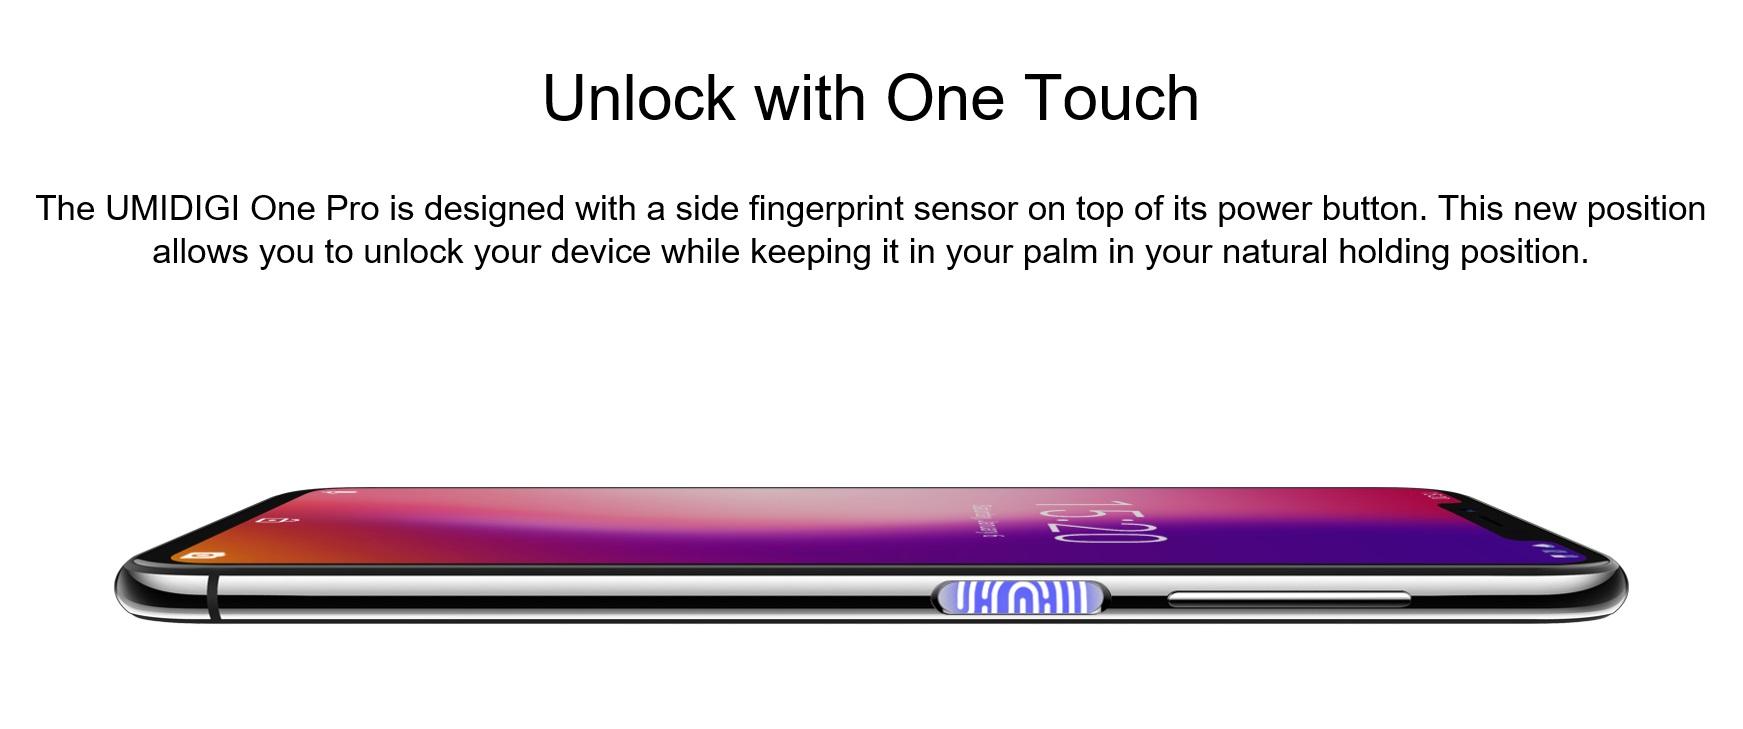 UMIDIGI One Proの生体認証